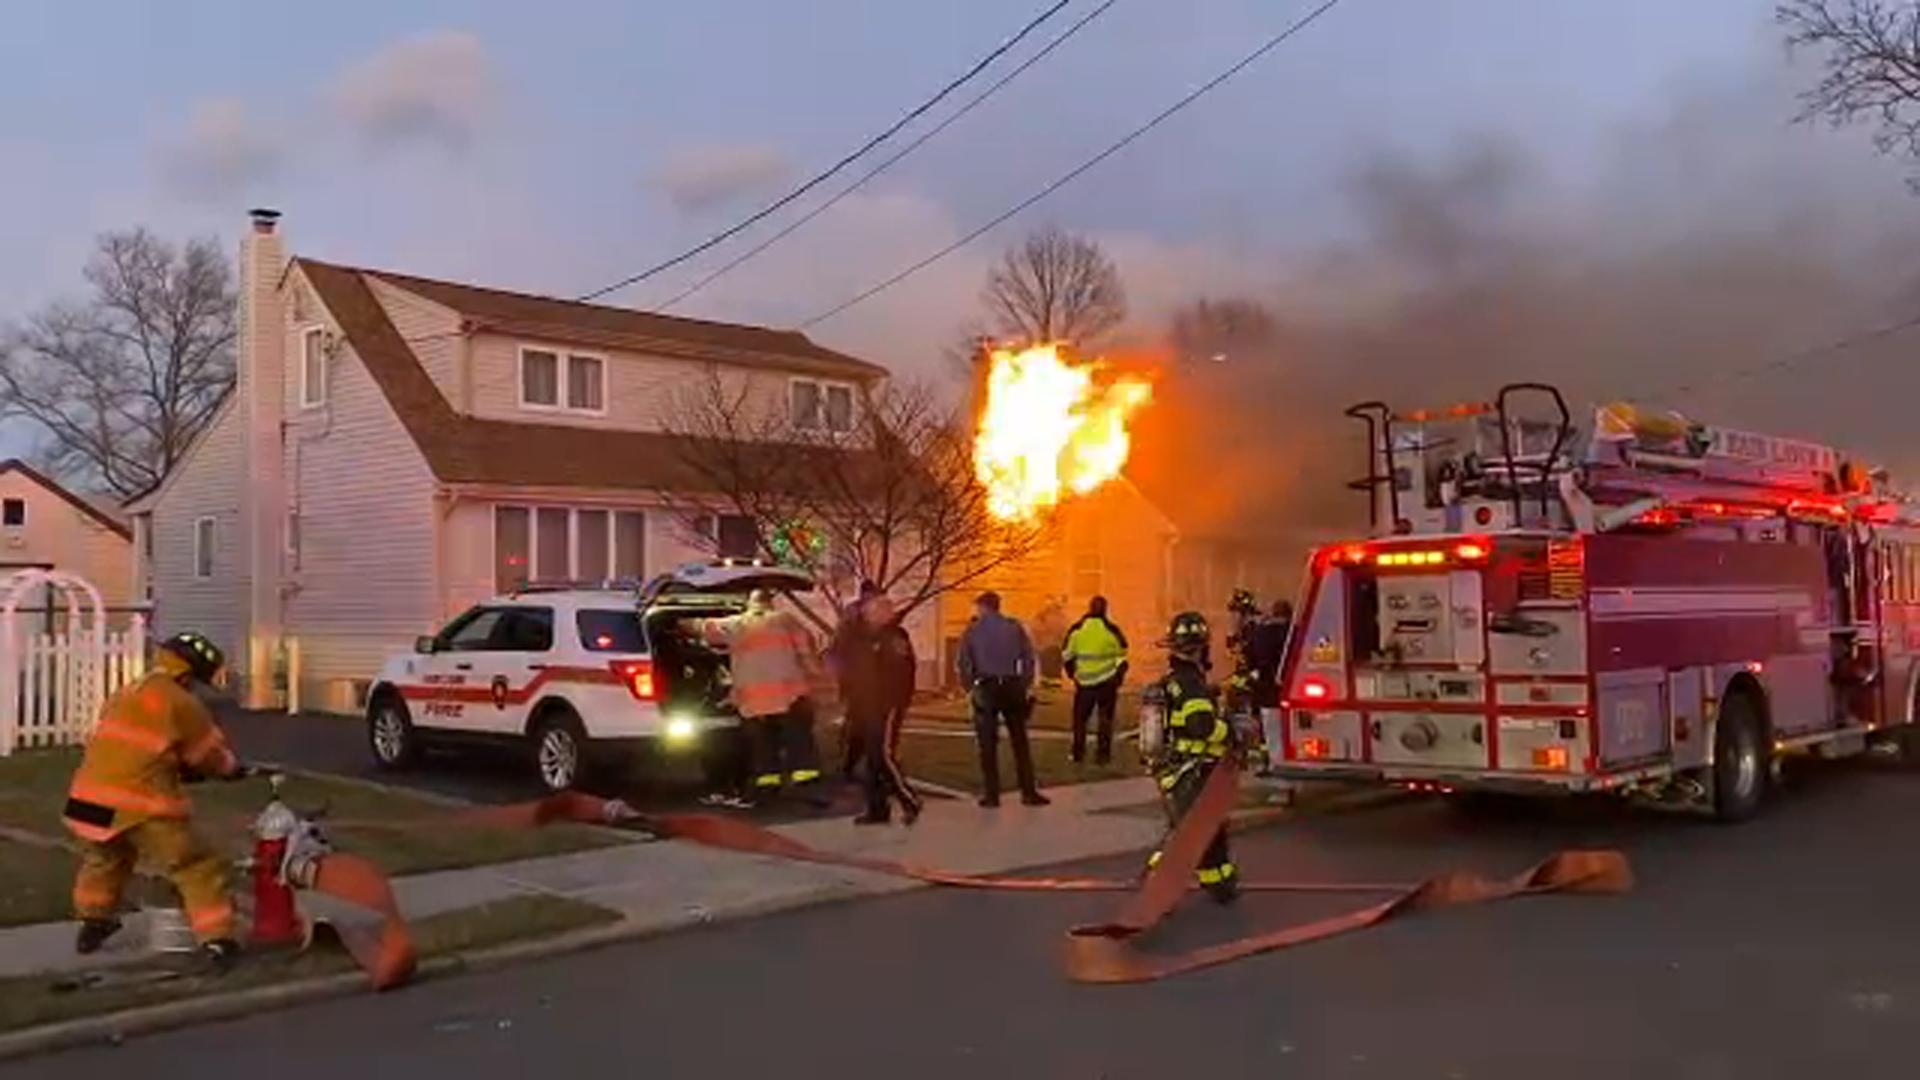 3 Alarm Fire Burns Through Vacant Home In Fair Lawn Abc7 New York